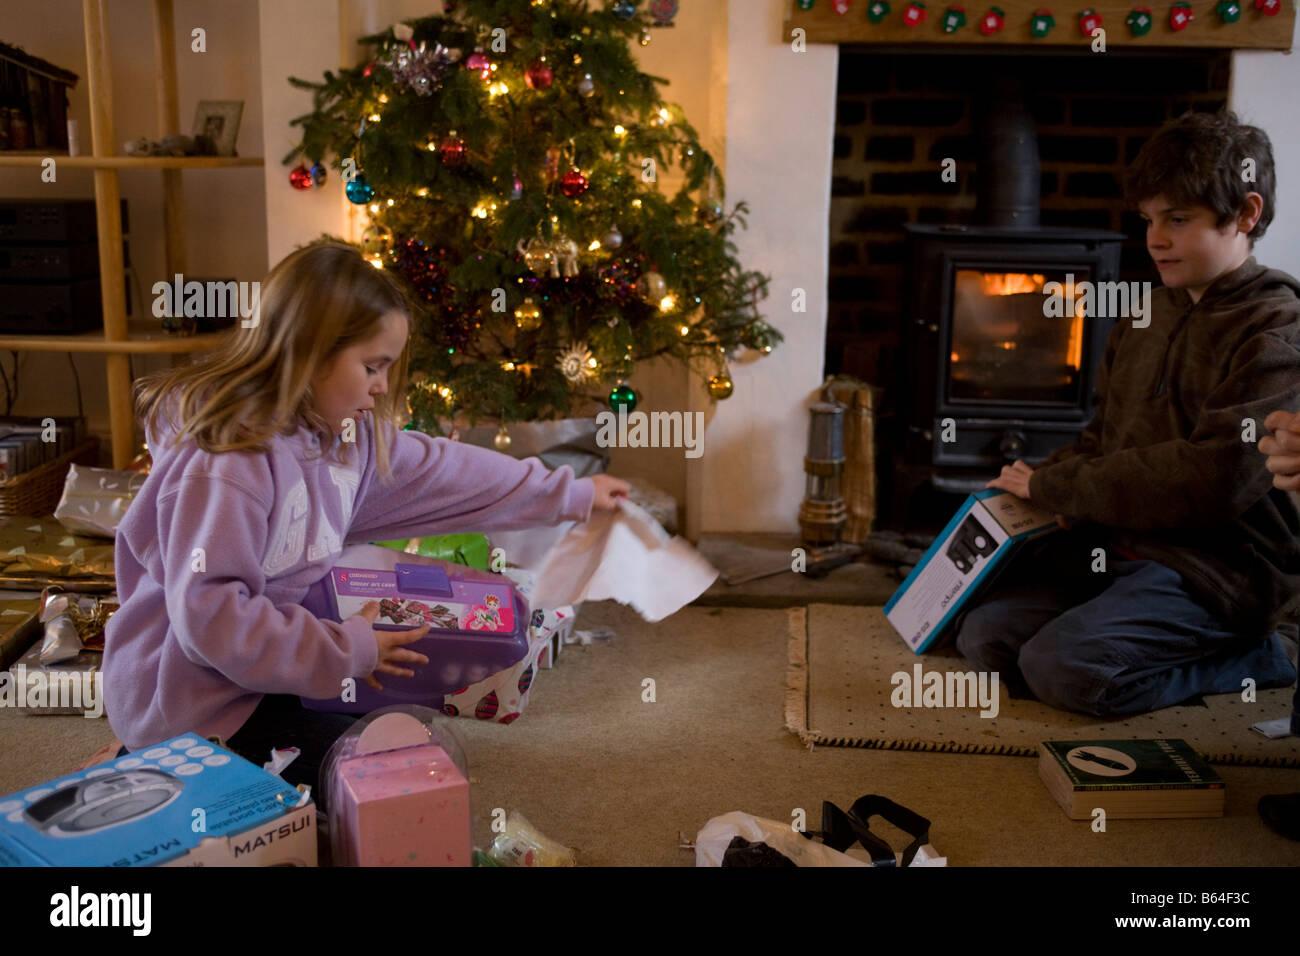 7 Jahre alten Mädchen öffnen ein Weihnachtsgeschenk vor ihrem Bruder ...